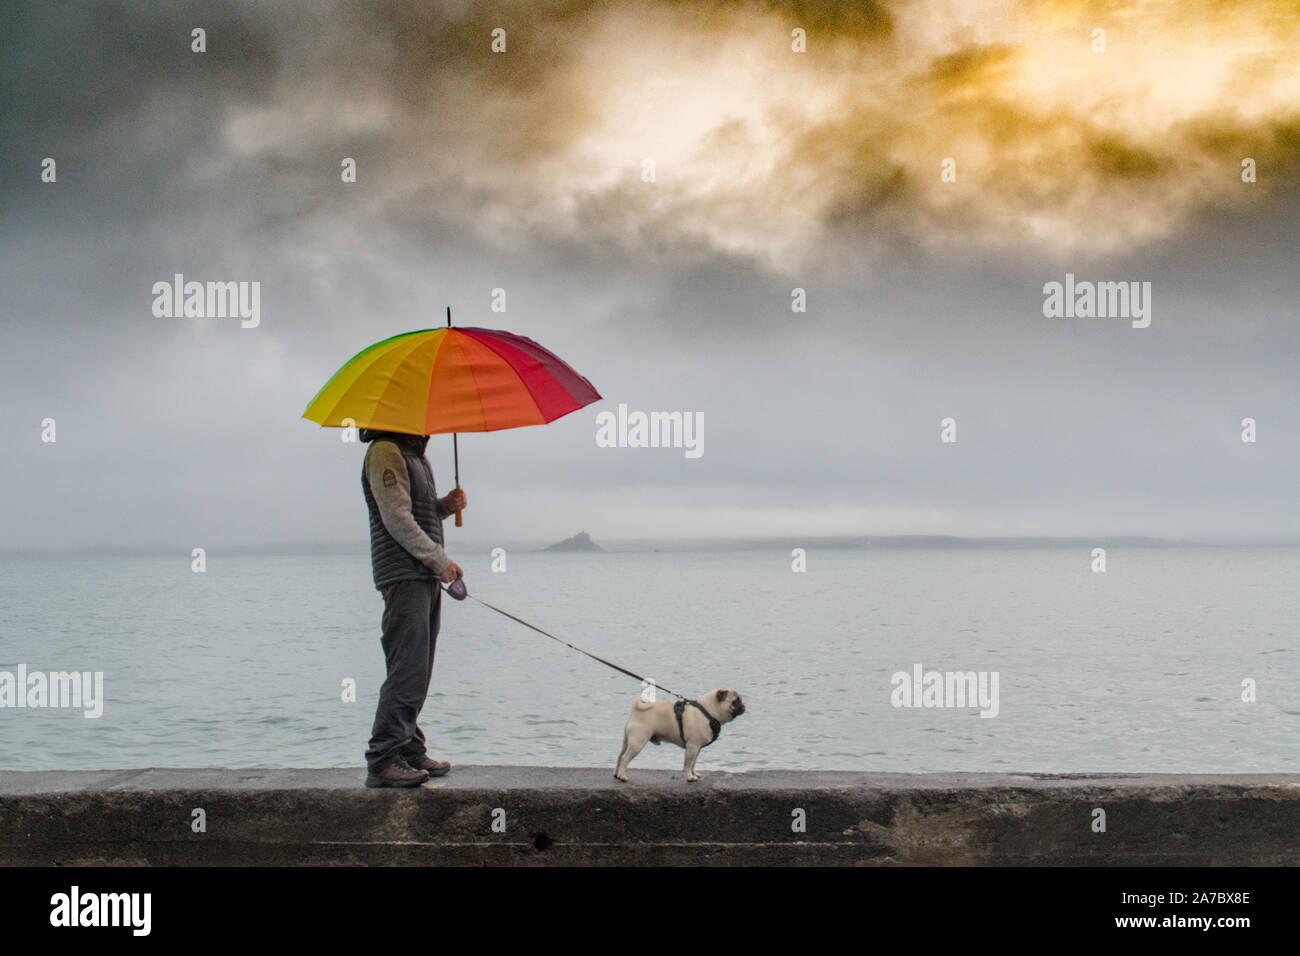 Man Walking Mops Hund im Regen gegen das Meer mit einem bunten Regenschirm Stockfoto